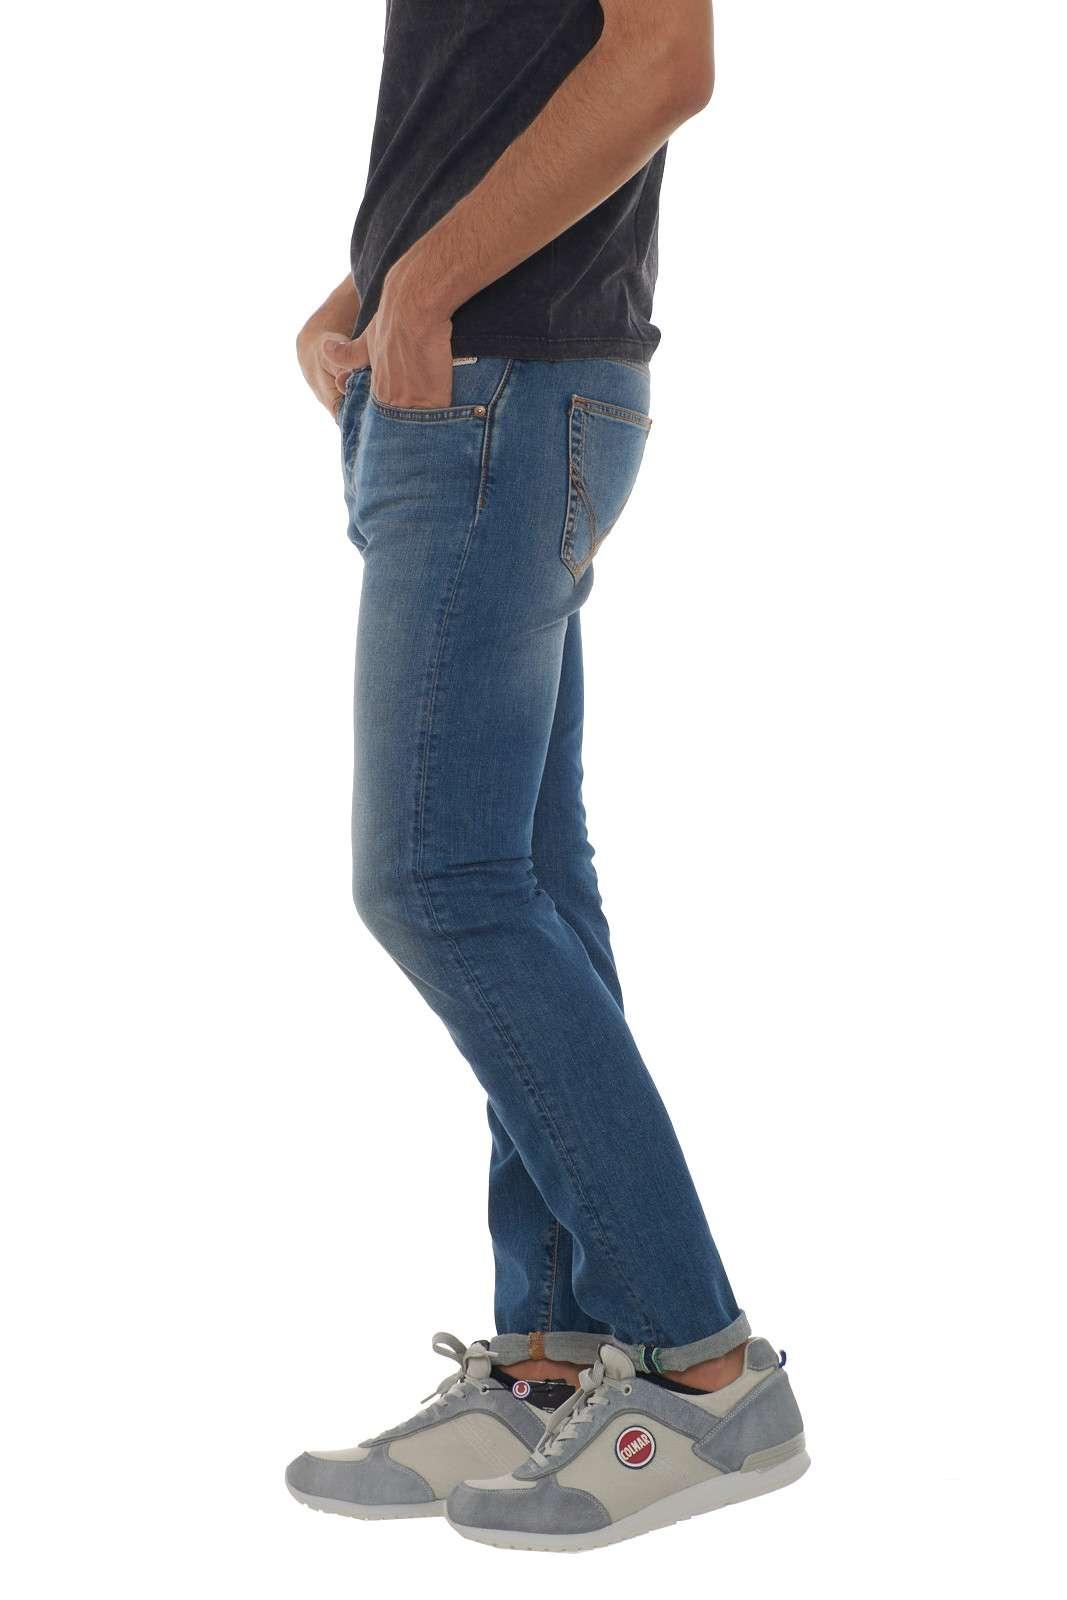 https://www.parmax.com/media/catalog/product/a/i/AI-Outlet-Parmax-Pantalone-Uomo-Royrogers-A19RRU000D0210028-B.jpg